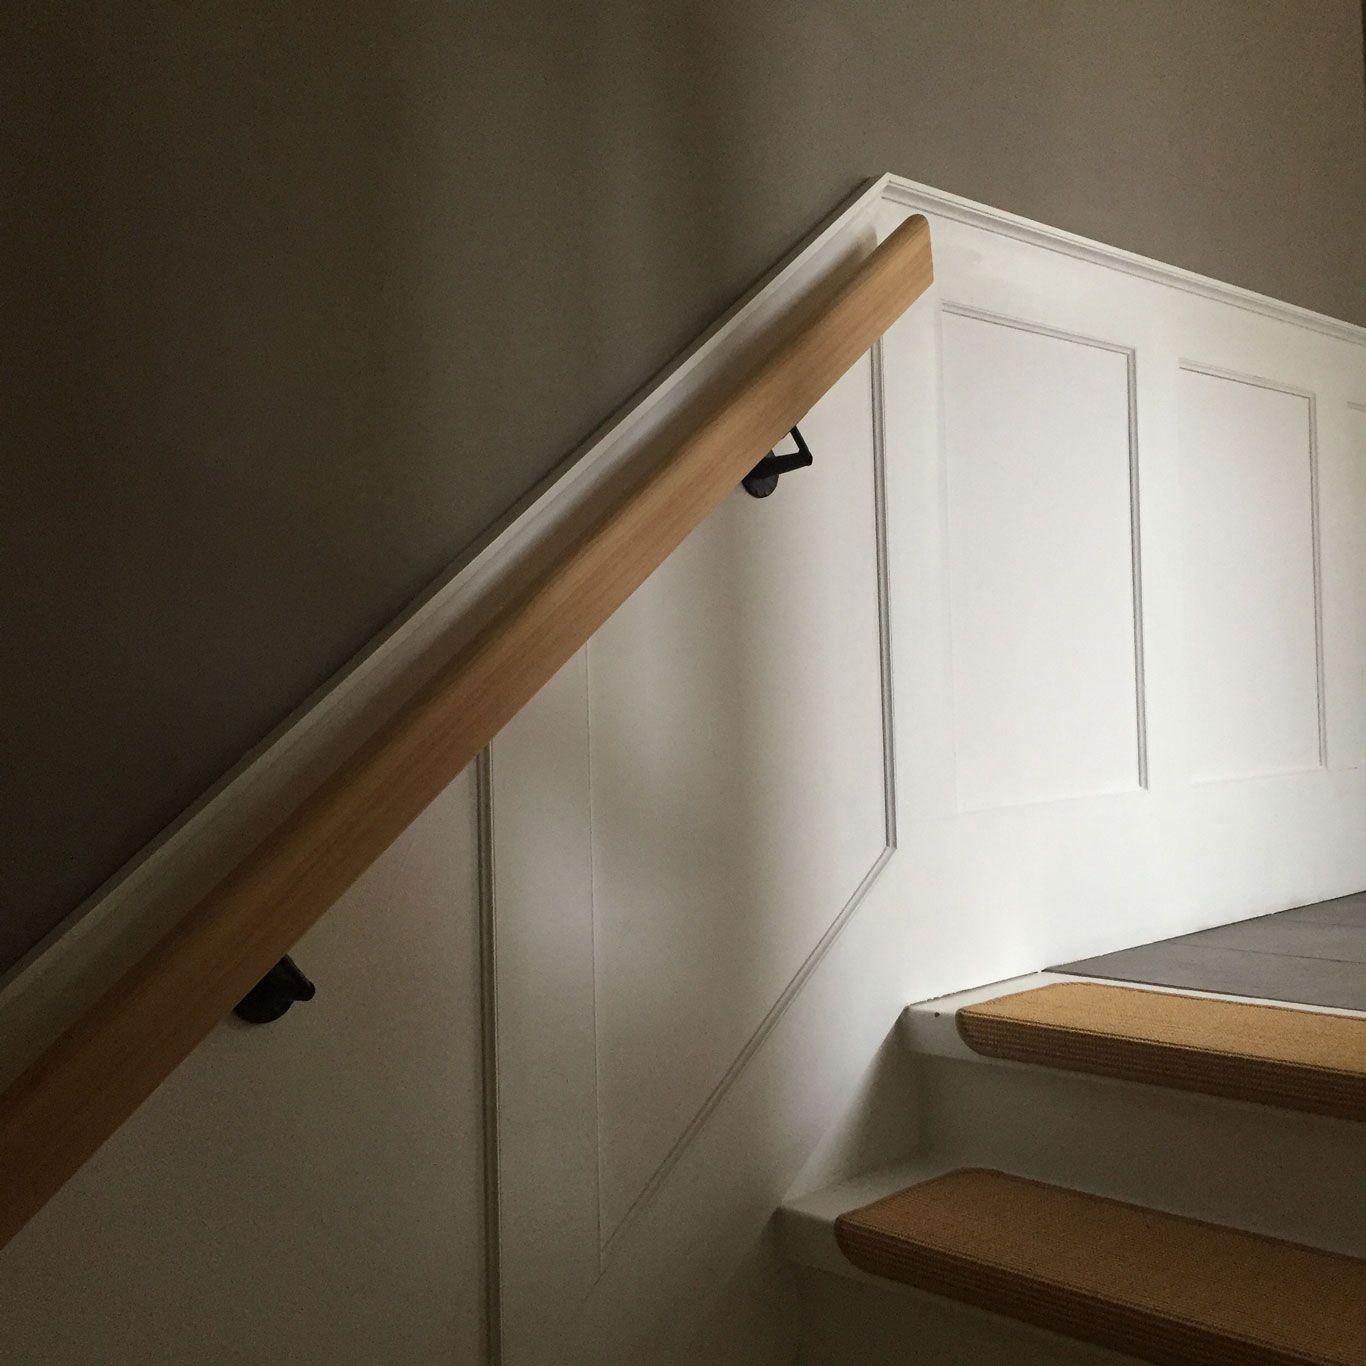 Treppenhaus Renovieren Ideen Schön Treppen Renovieren: Wandvertaefelung_selber_machen_treppenhaus_fertig